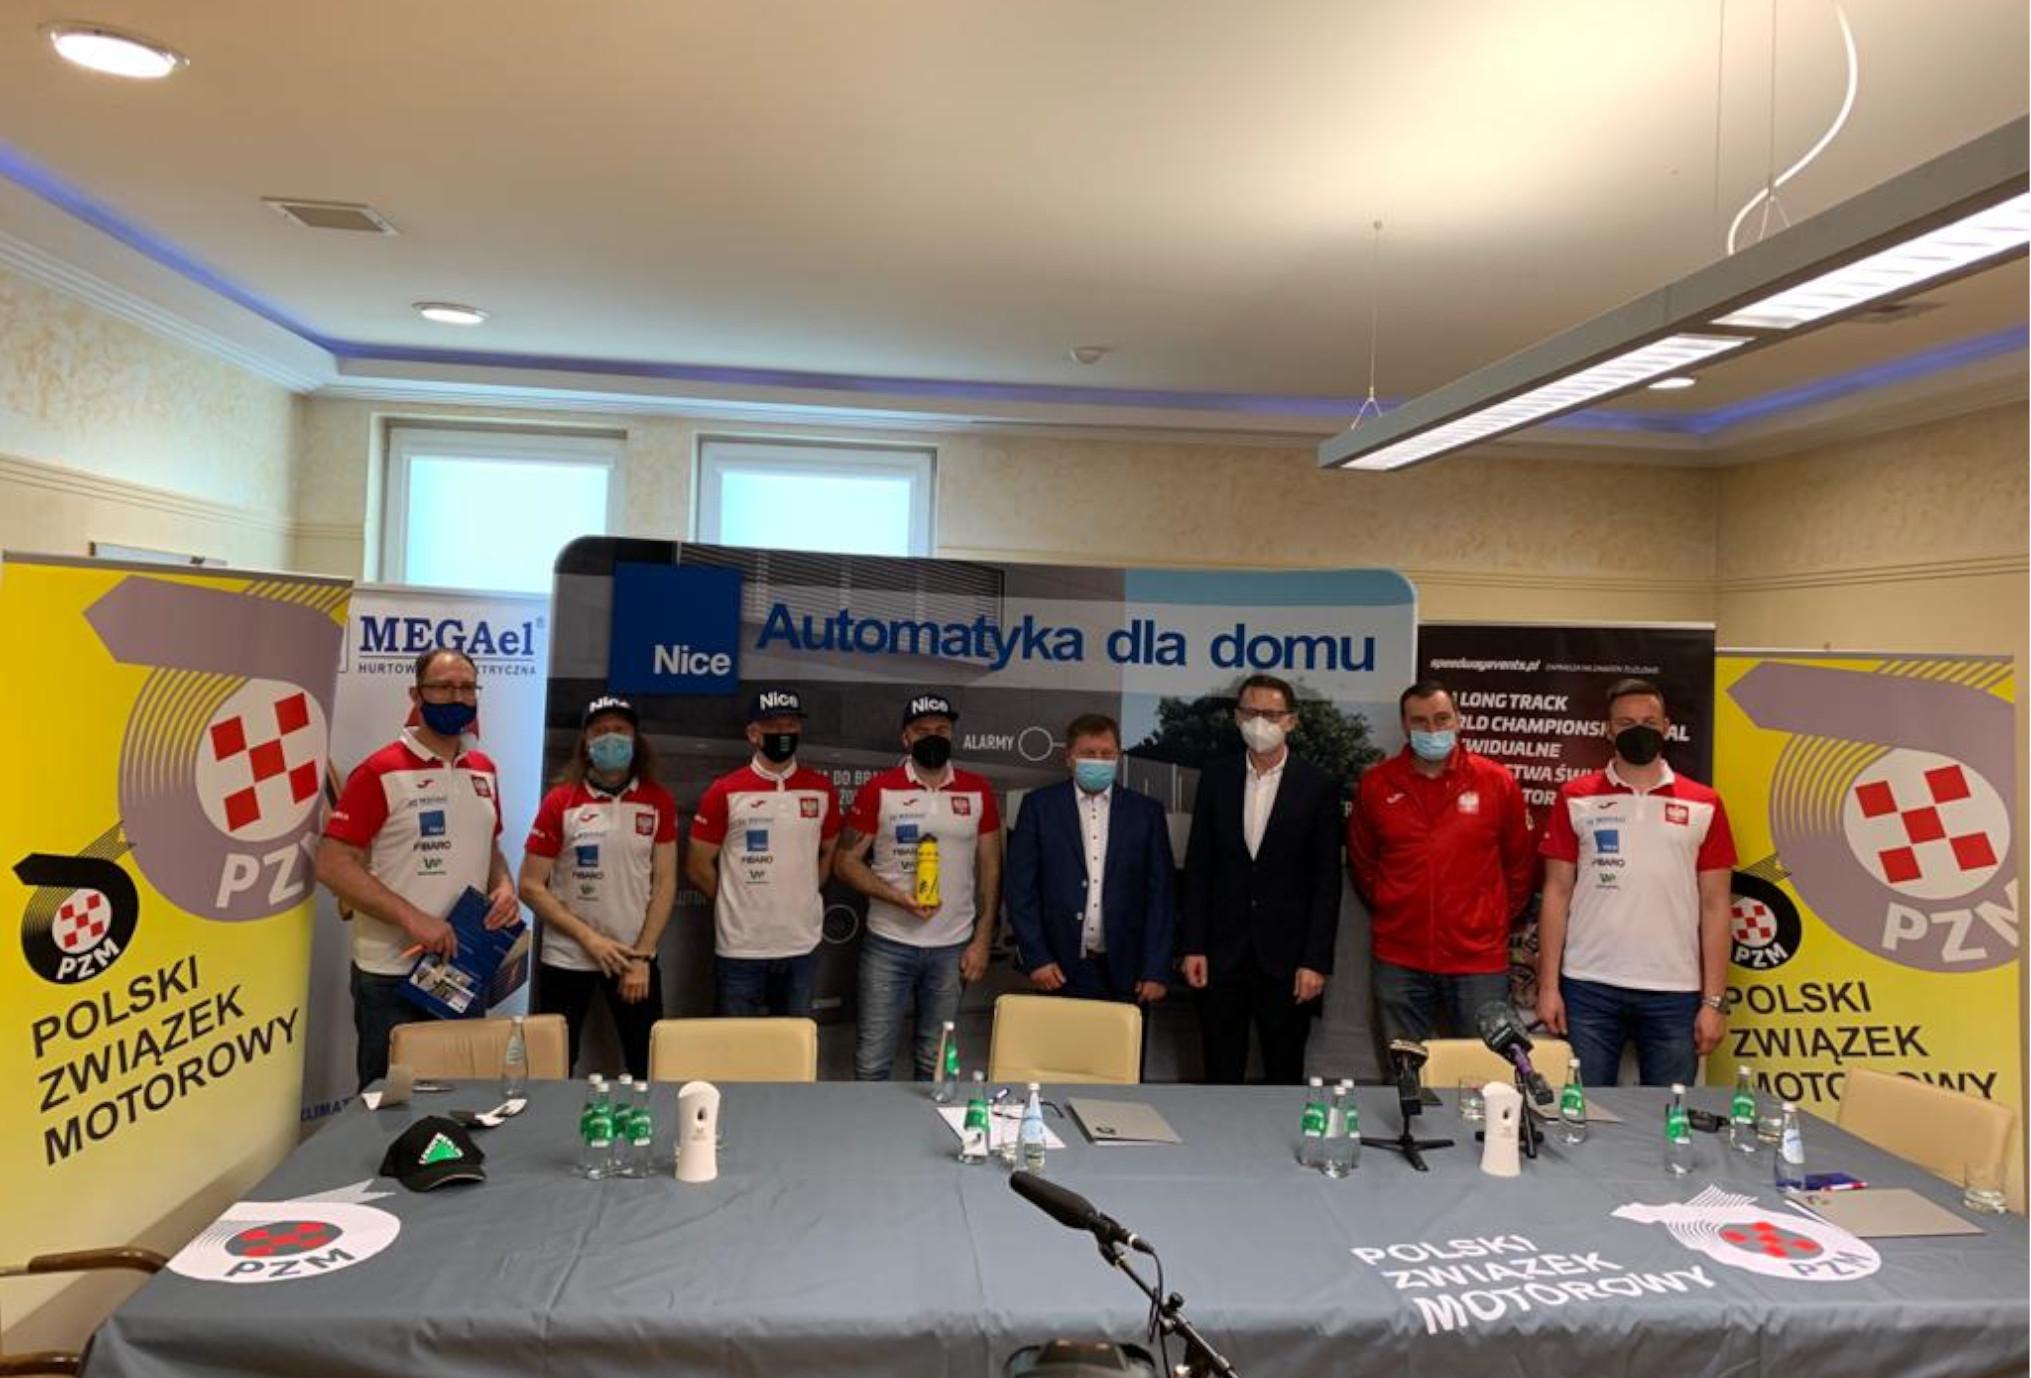 MEGAel Tarnów oraz Nice sponsorami polskiej żużlowej reprezentacji na długim torze